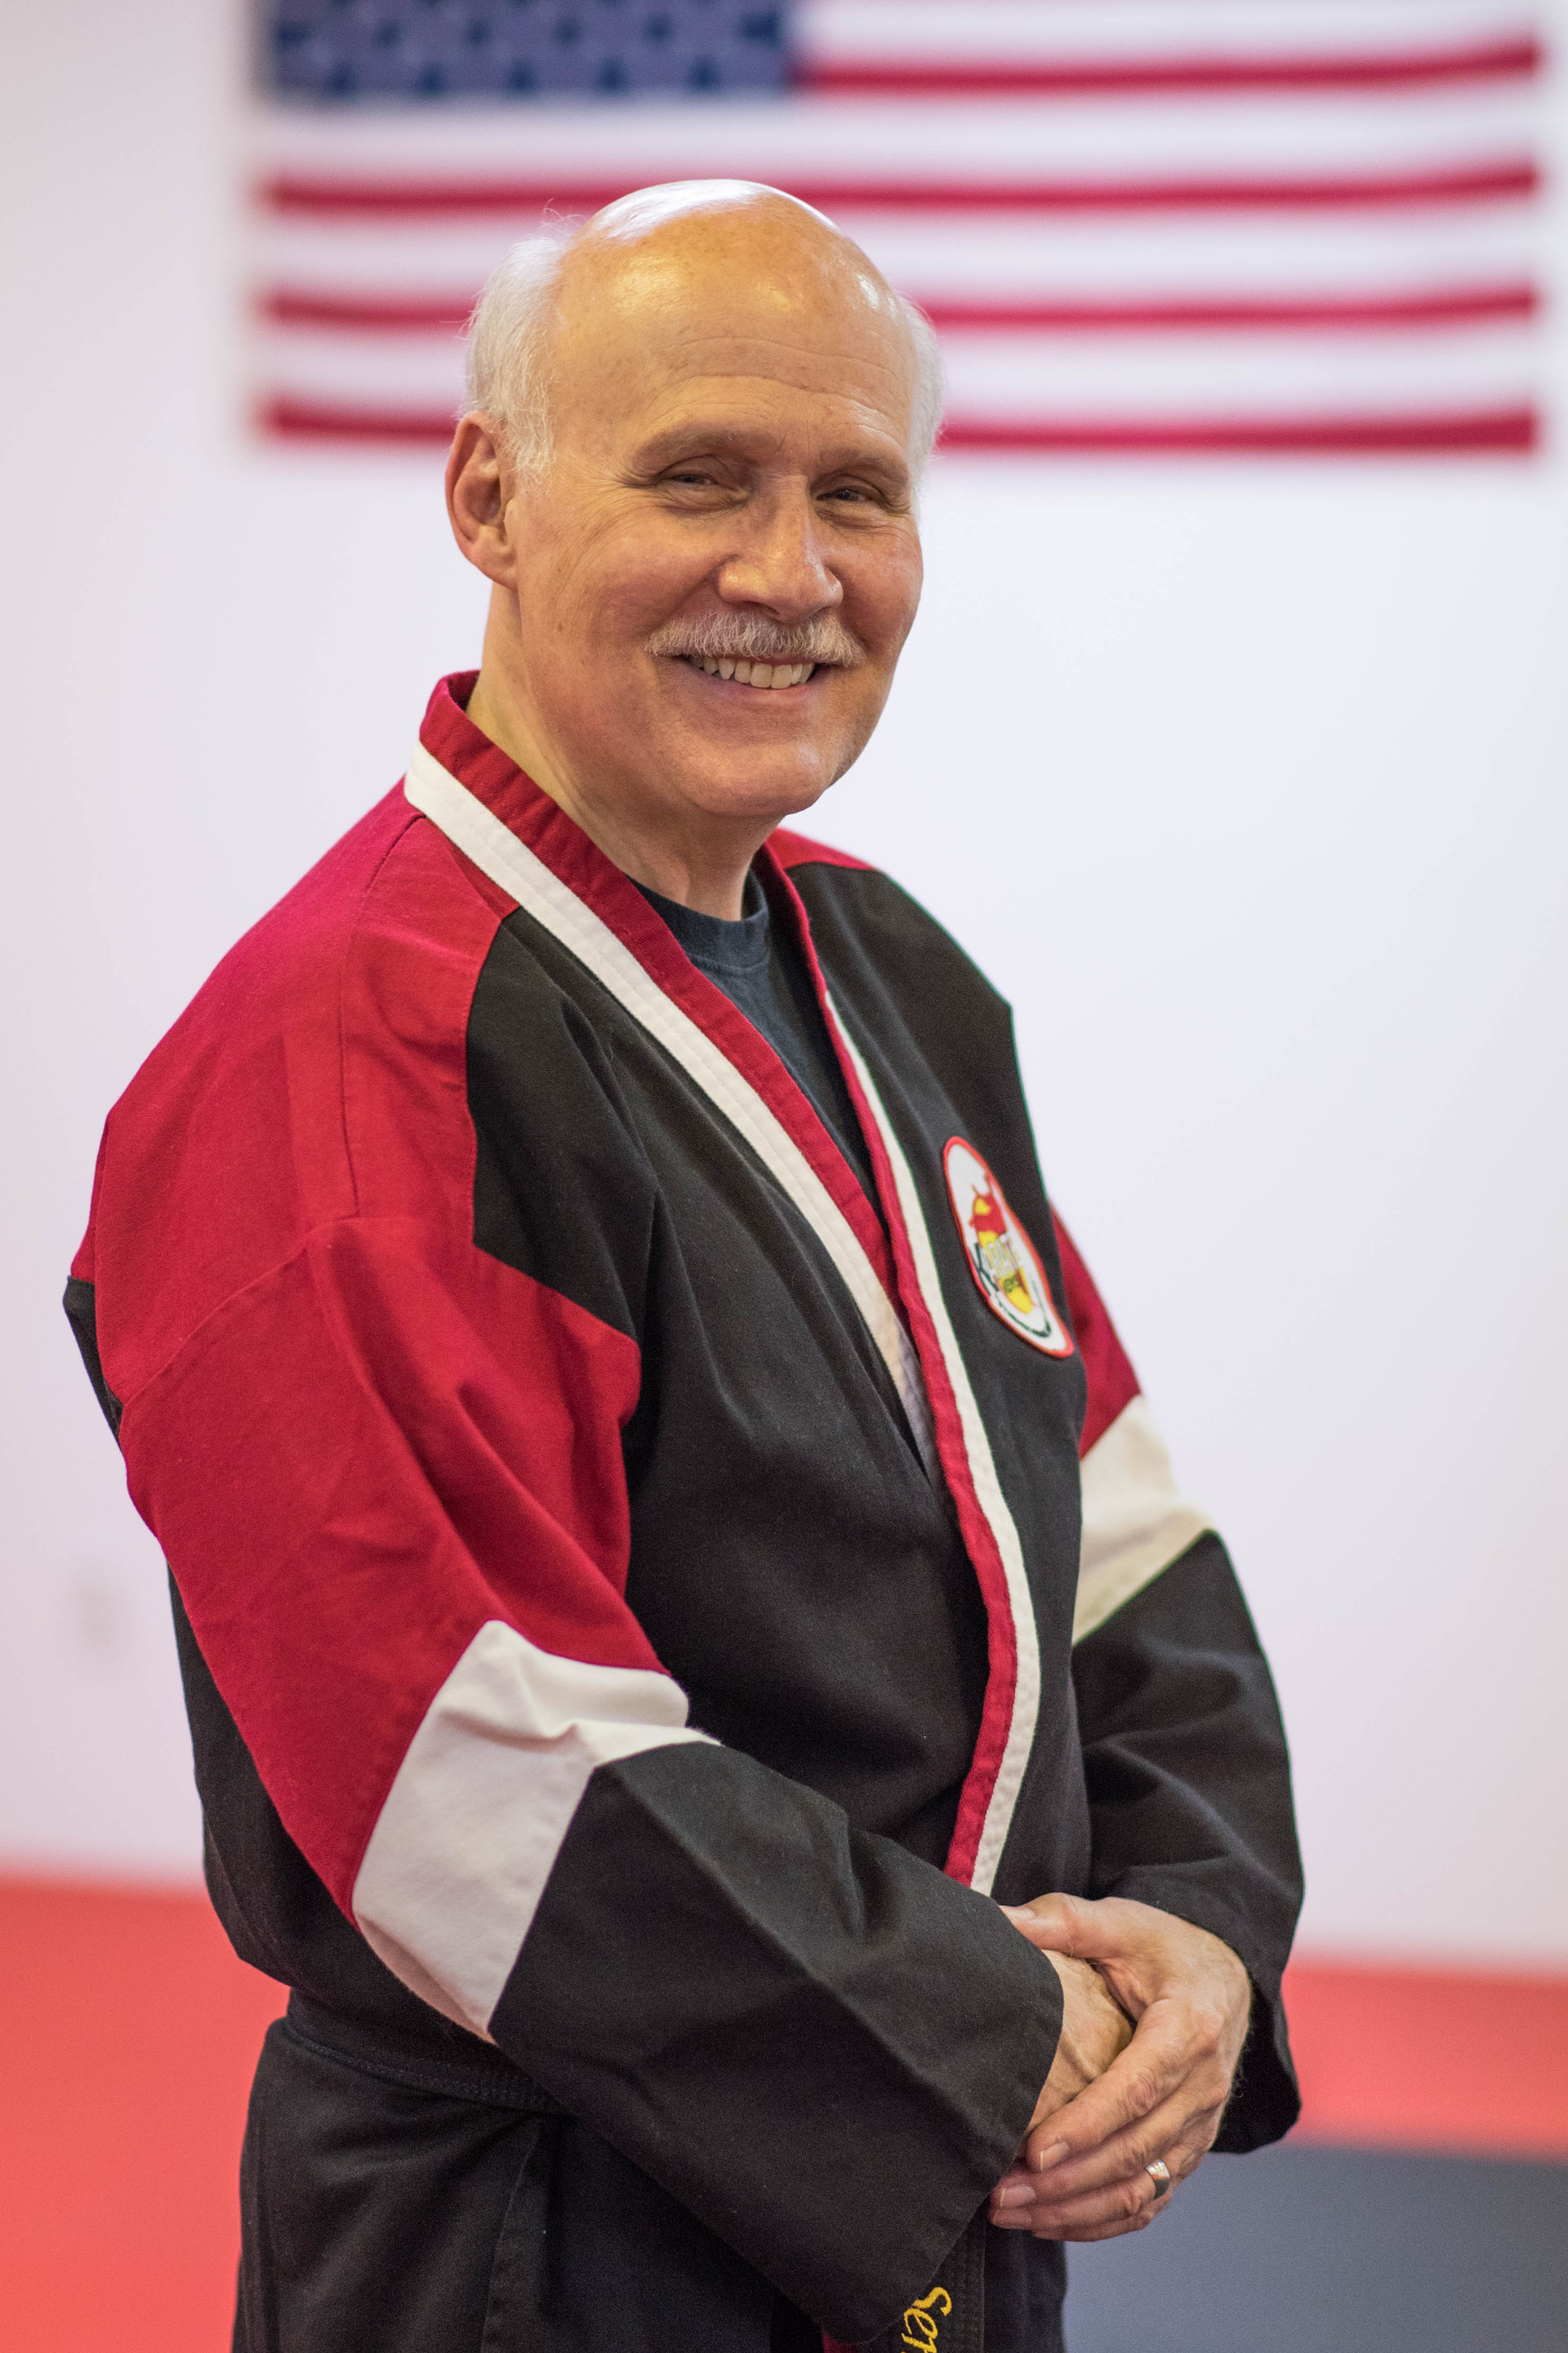 Jim Wallace, Martial Arts Instructor in Buffalo NY